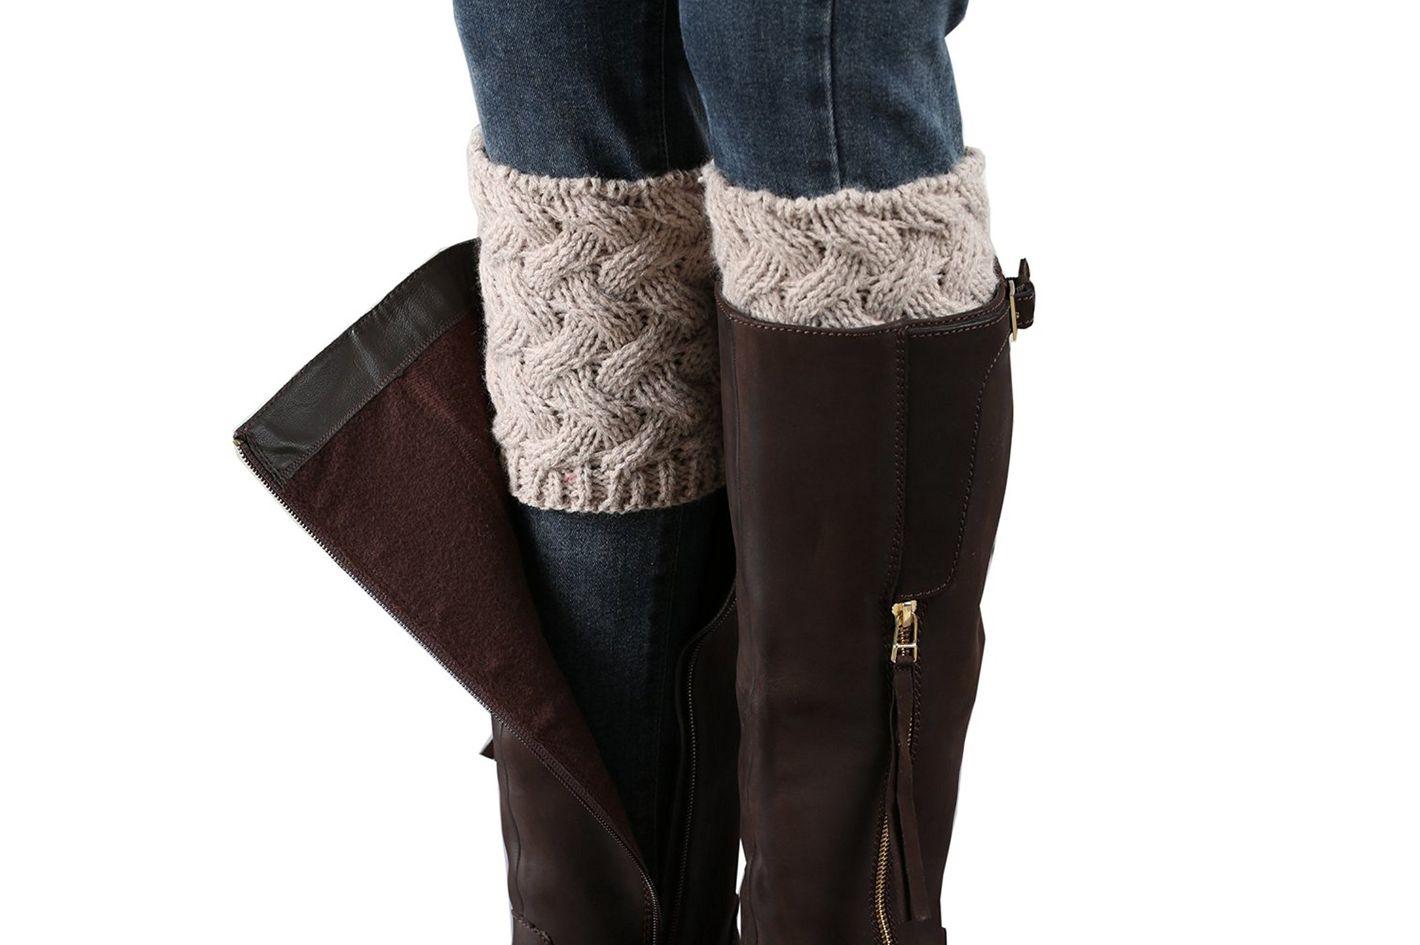 Faybox Women Boot Cuff Leg Warmers